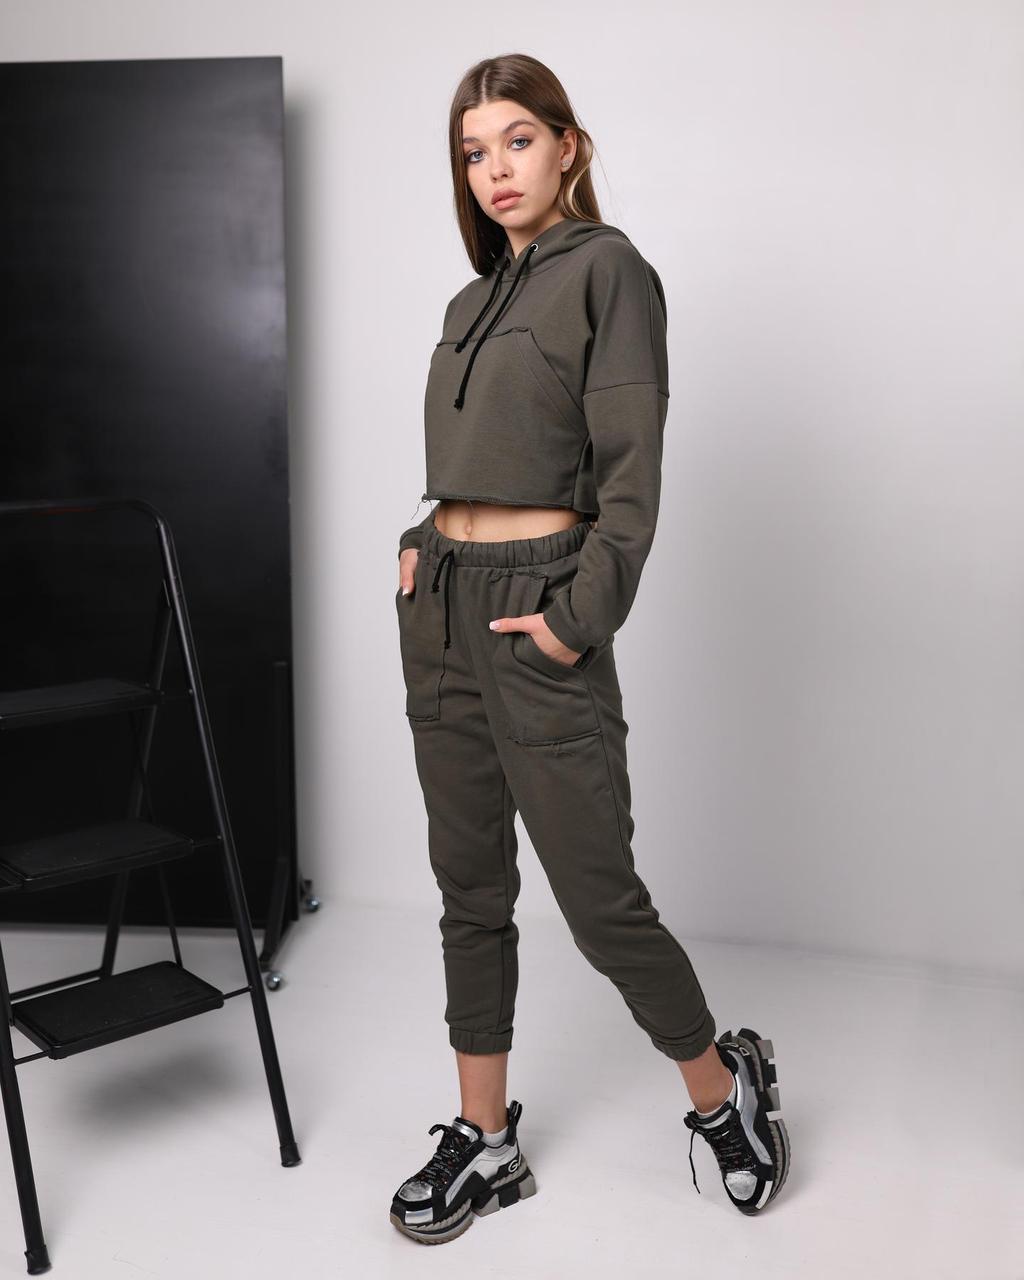 Женский костюм хаки с капюшоном, укороченная худи, штаны на манжете, размеры - XS, S, M, весна / осень M